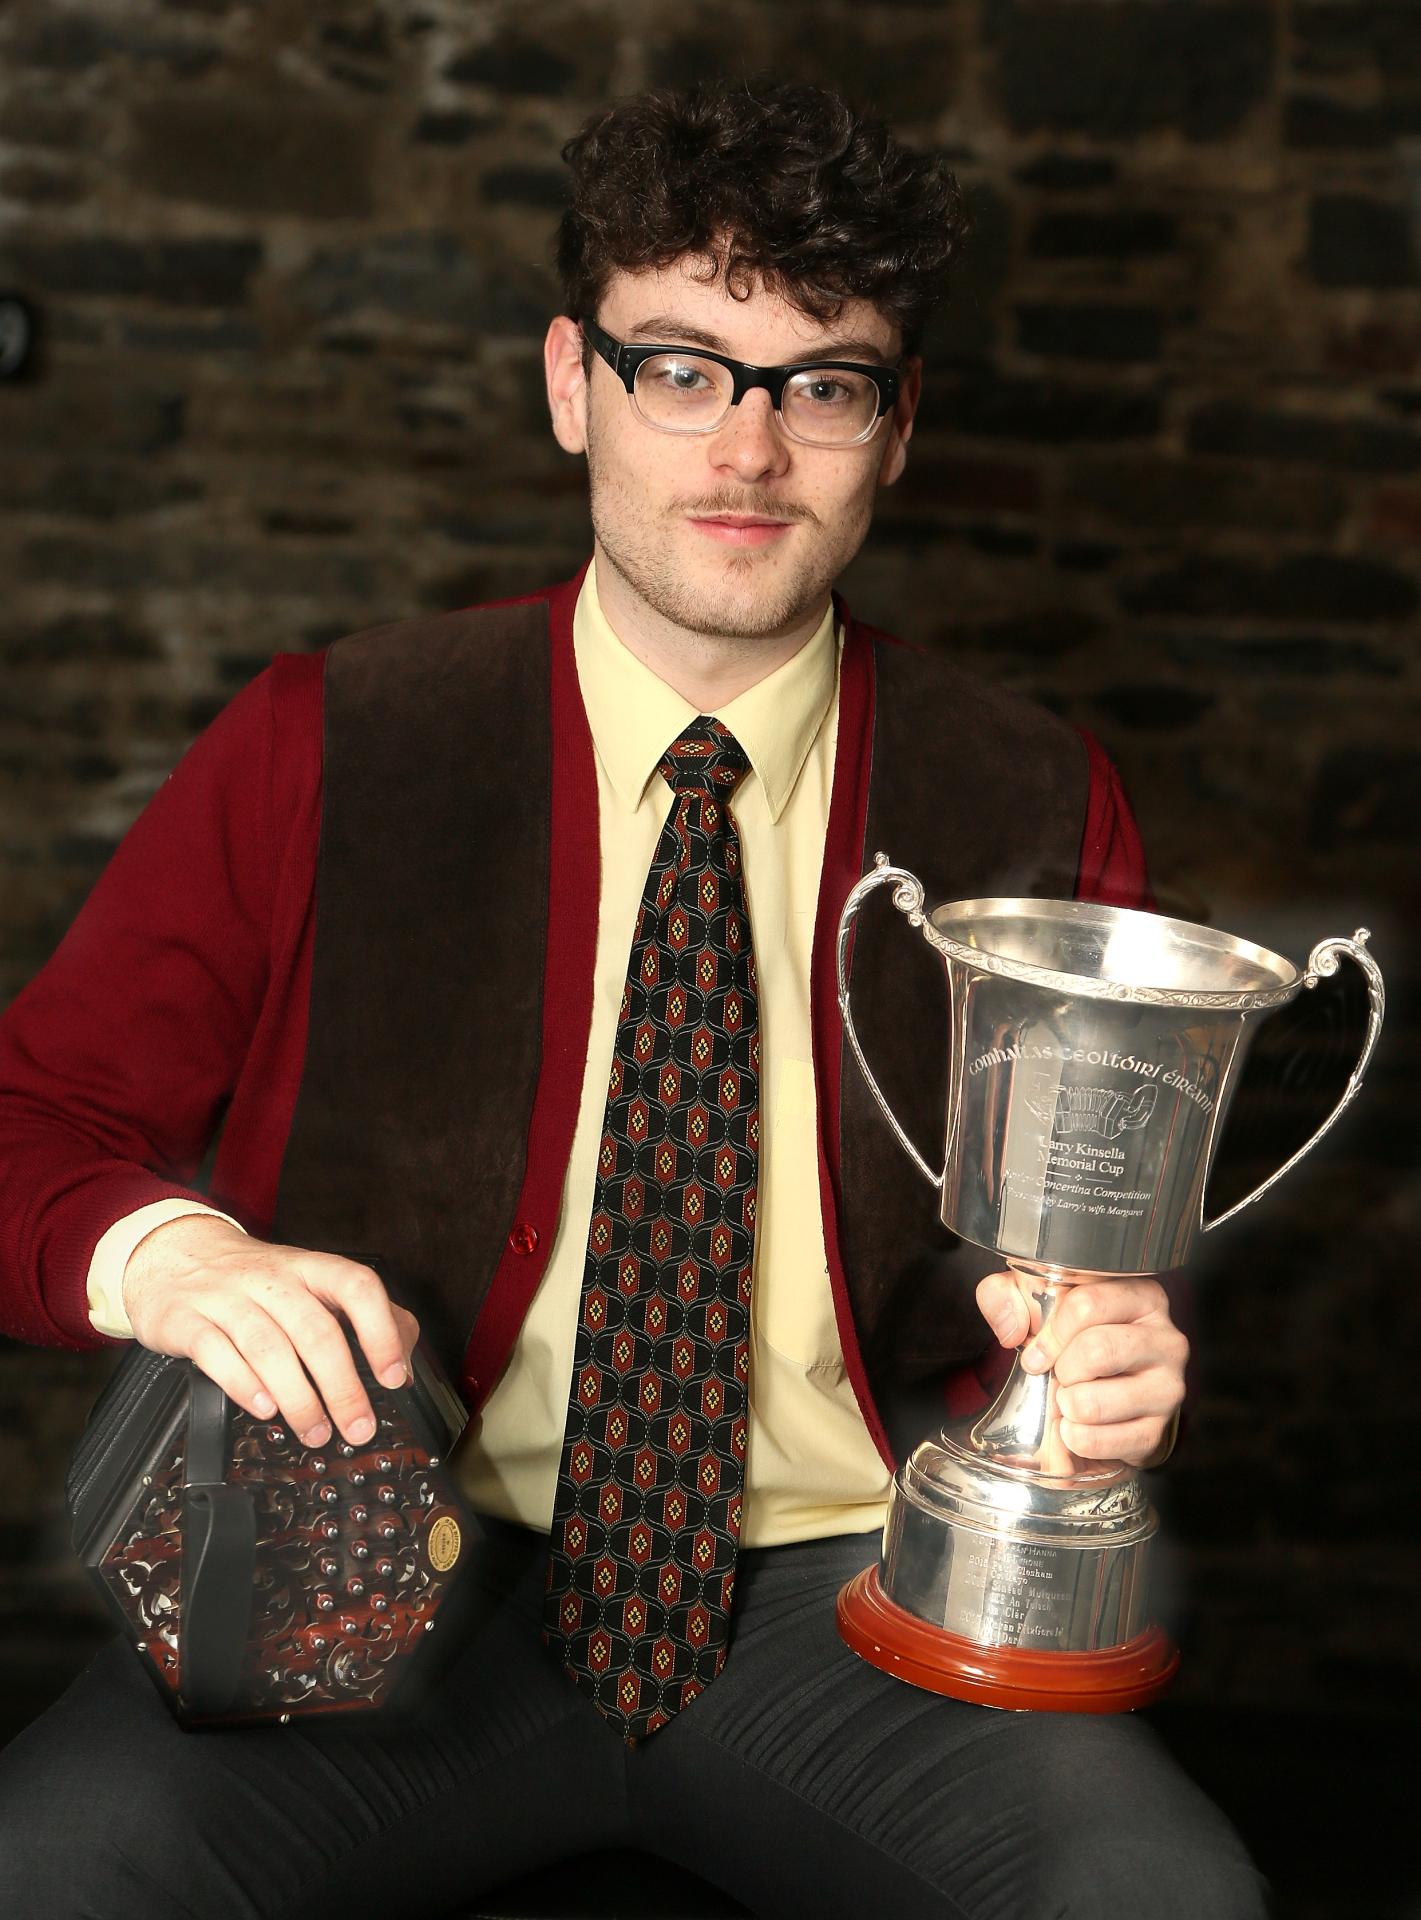 Sárán Mulligan C.C.É. Dún Dealgan winner of the senior concertina competition at  Fleadh Cheoil na hÉireann in Drogheda